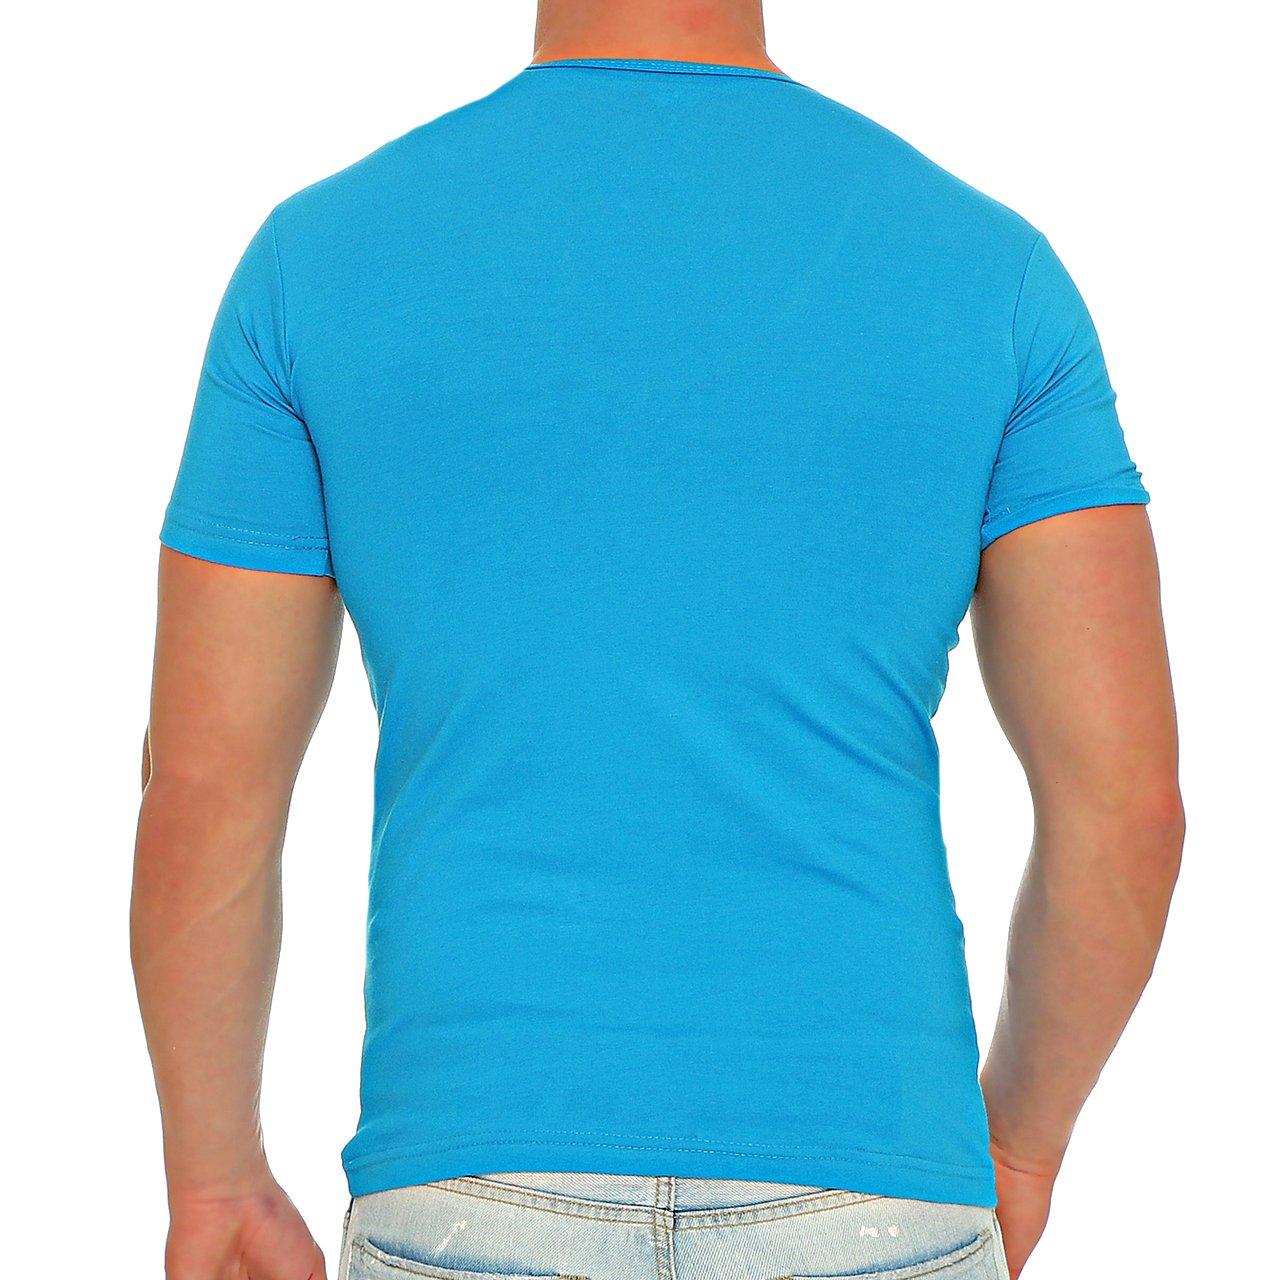 ea64078e628b4d Finchman Herren V-Neck T-Shirt Freizeit V-Ausschnitt Kurzarm Shirt   Amazon.de  Bekleidung